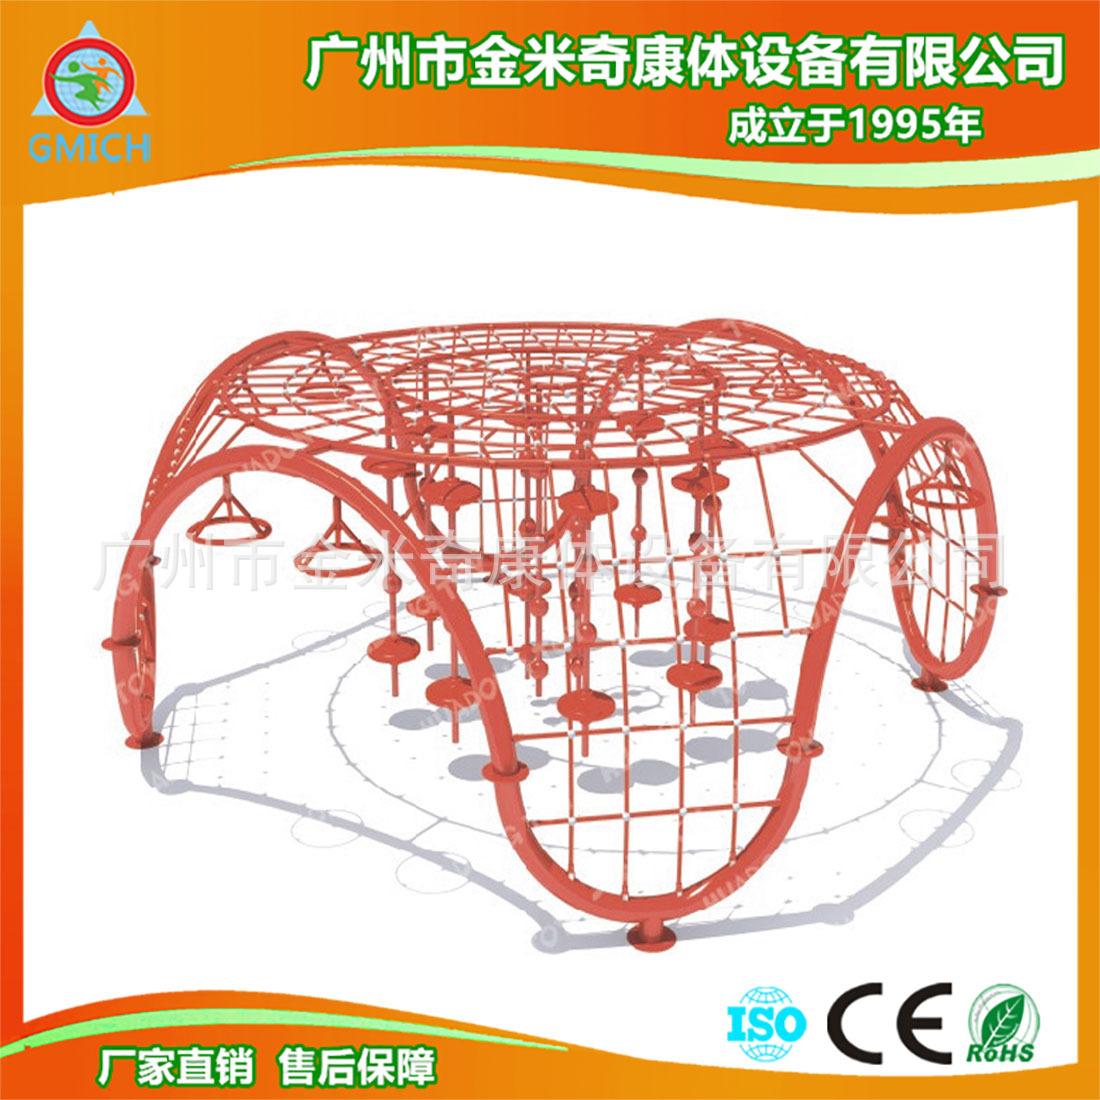 广州金米奇厂家直销多功能体能训练器材爬网攀登架组合设施